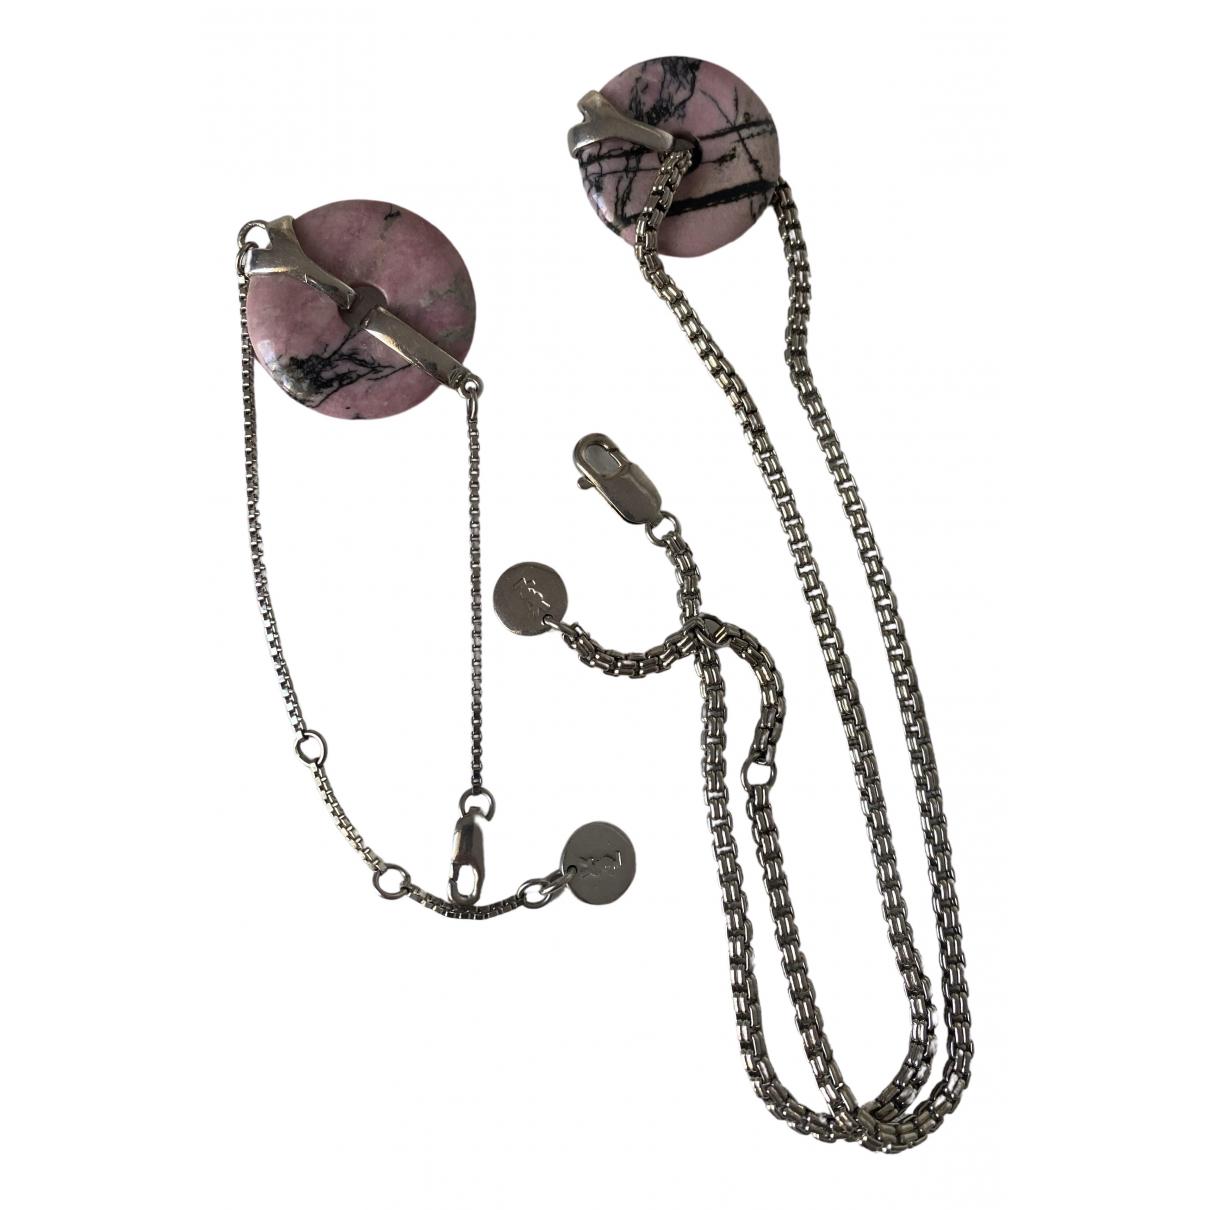 Yves Saint Laurent N Silver Metal Jewellery set for Women N